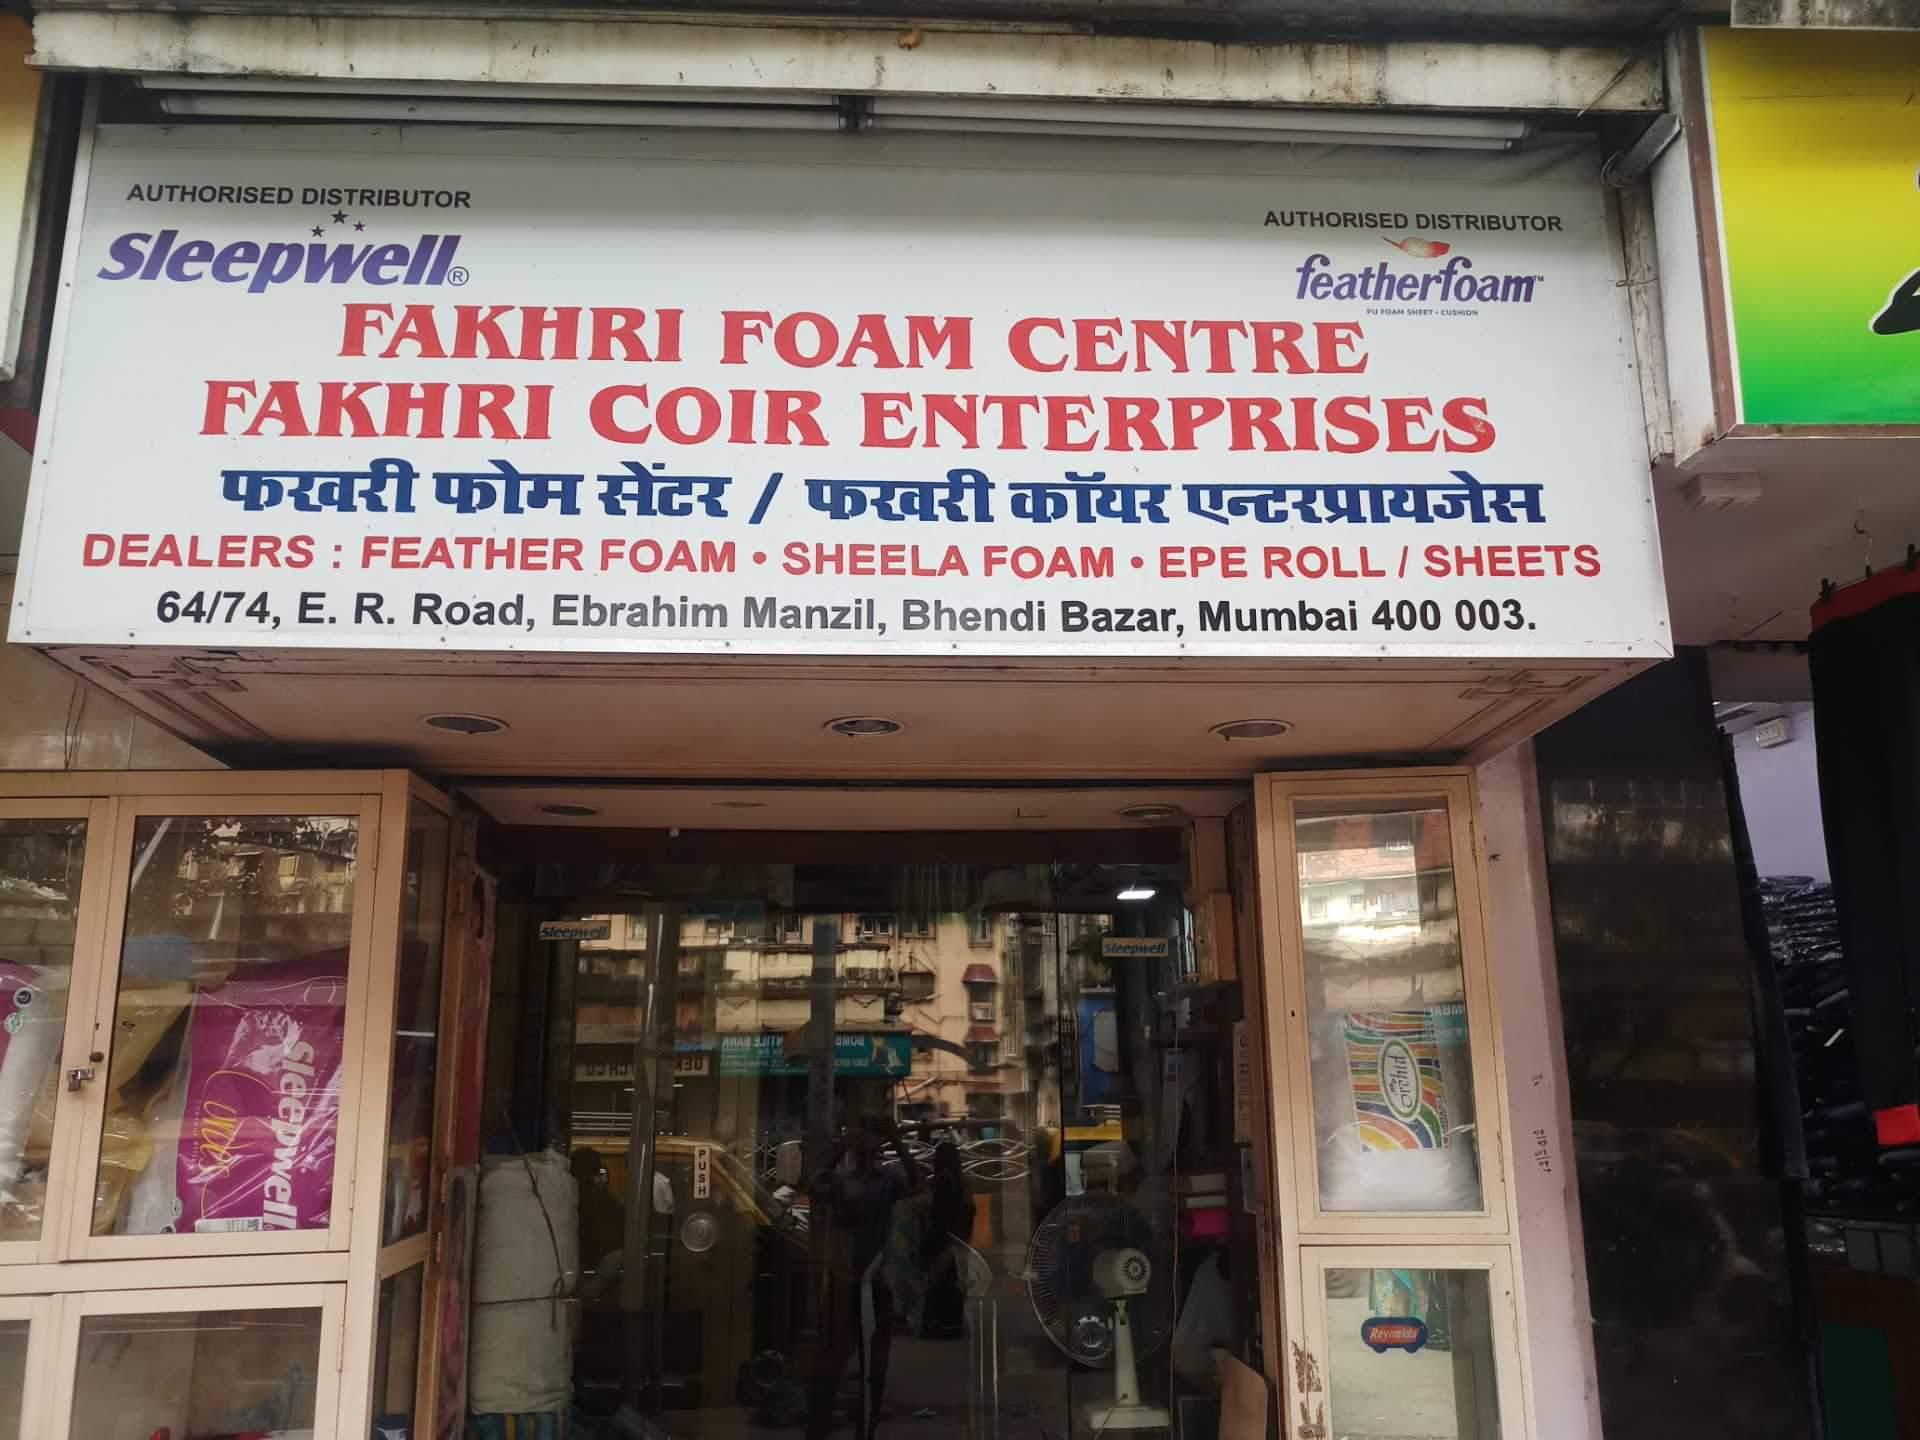 Top 100 Pu Foam in Mumbai - Best Pu Foam Dealers - Justdial